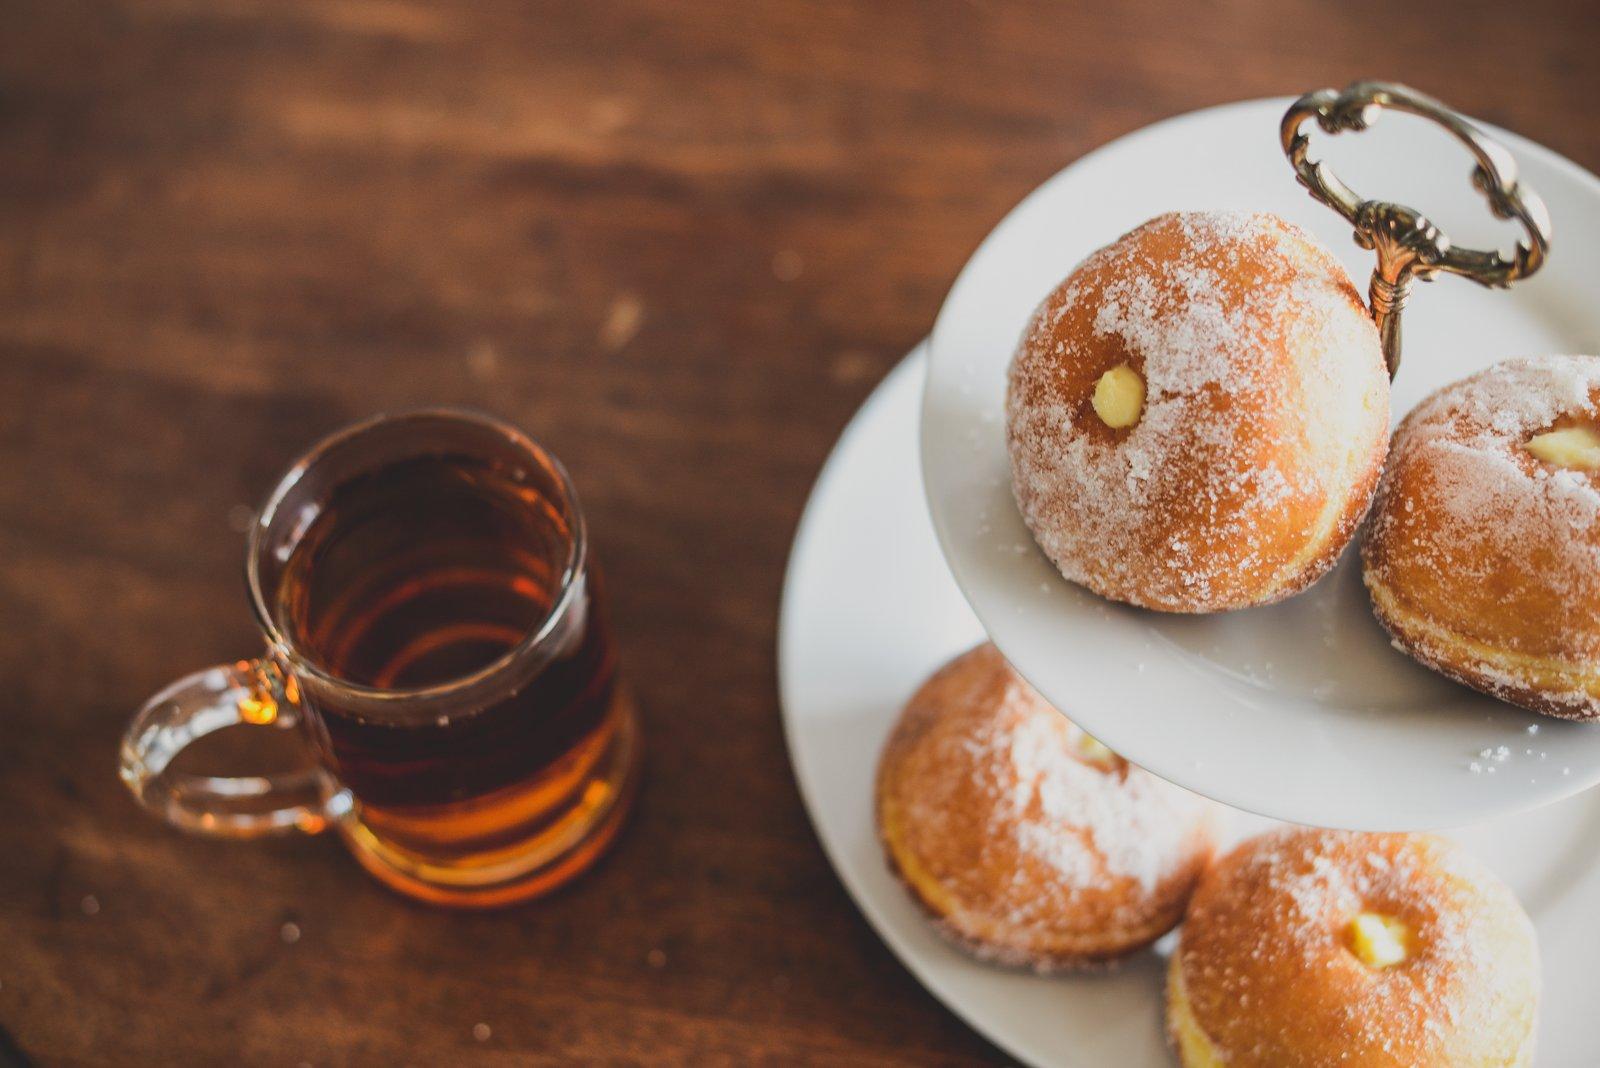 doughnuts and tea